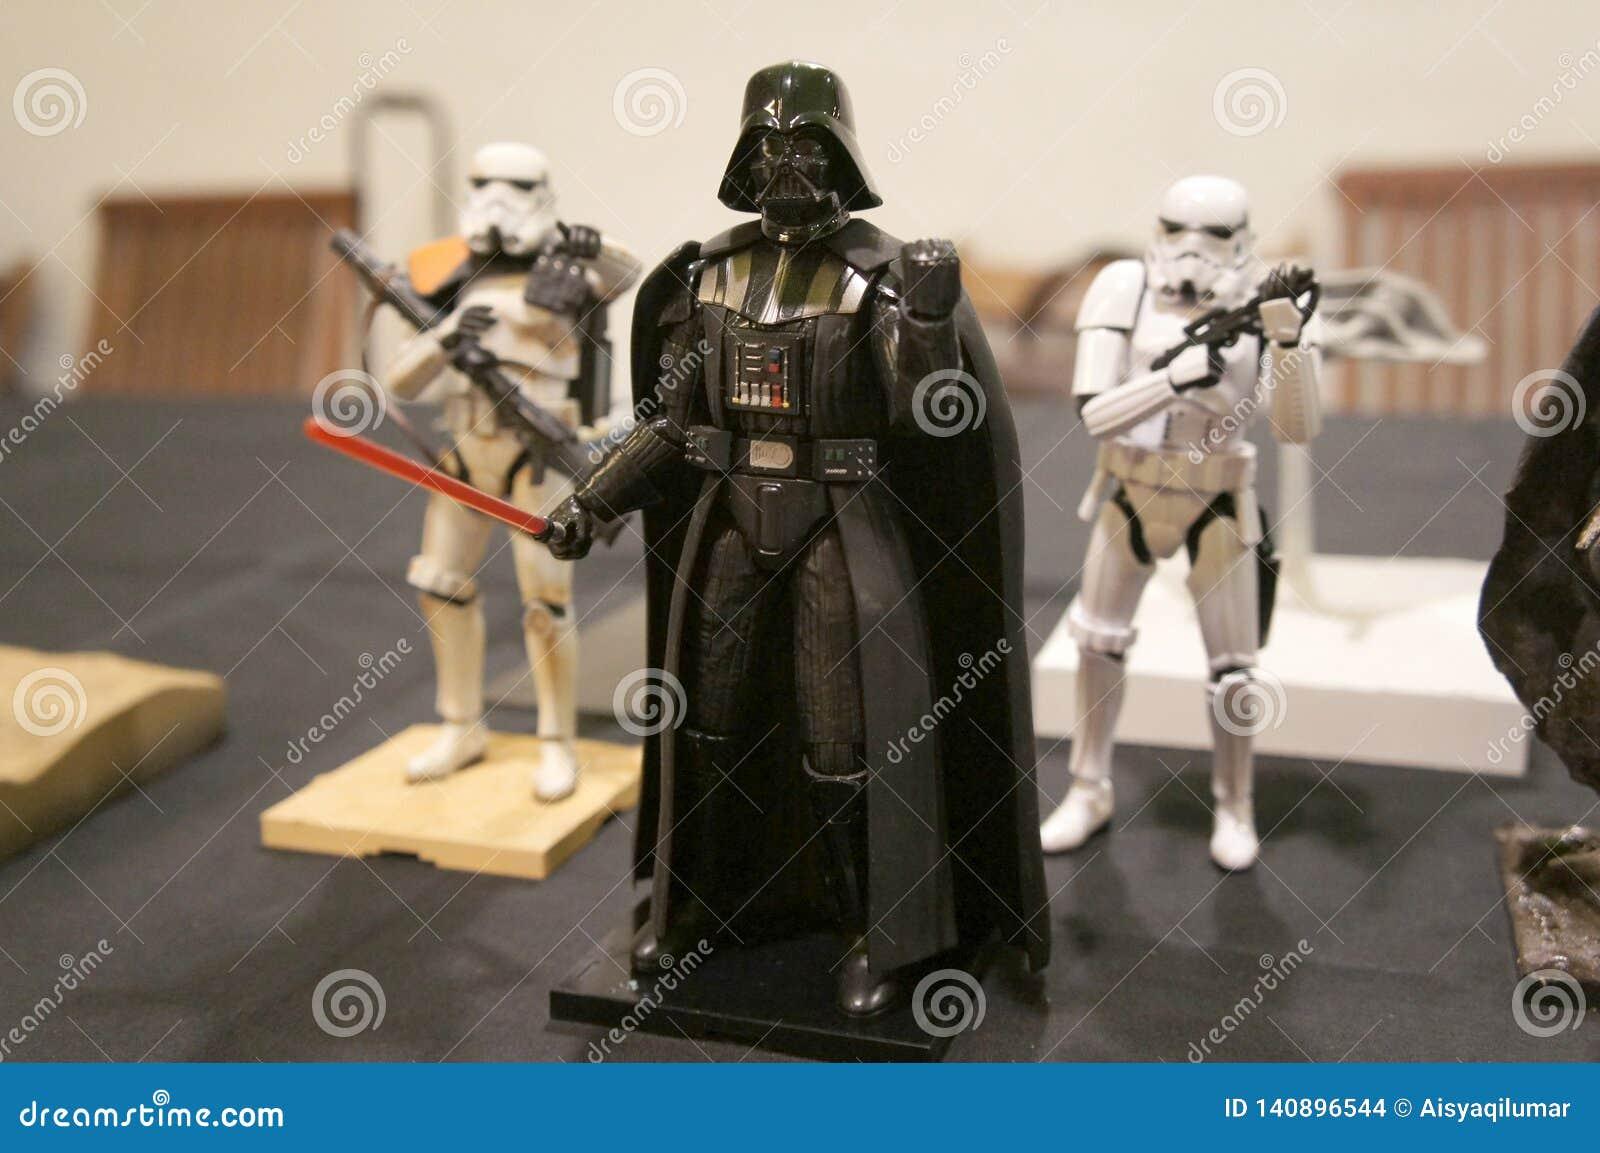 Action-Figuren der literarischen Figur von Darth Vader von den Star Wars-Vorrechtfilmen